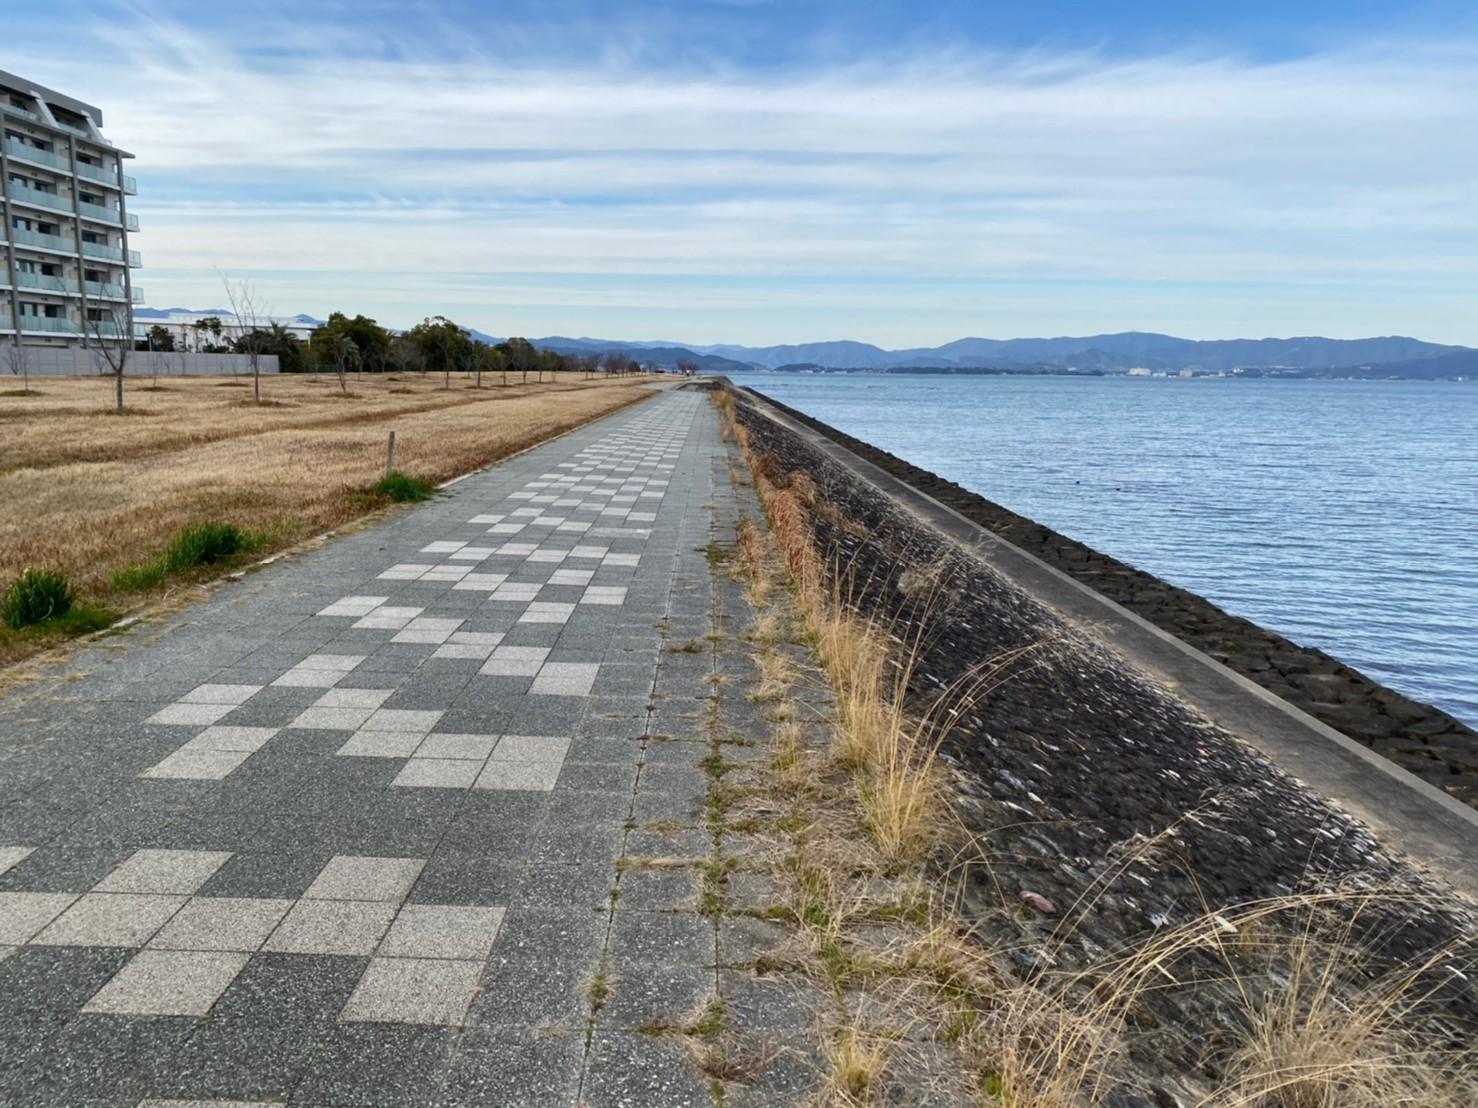 【浜名湖南西部】『表鷲津湖岸公園』の釣り場ガイド